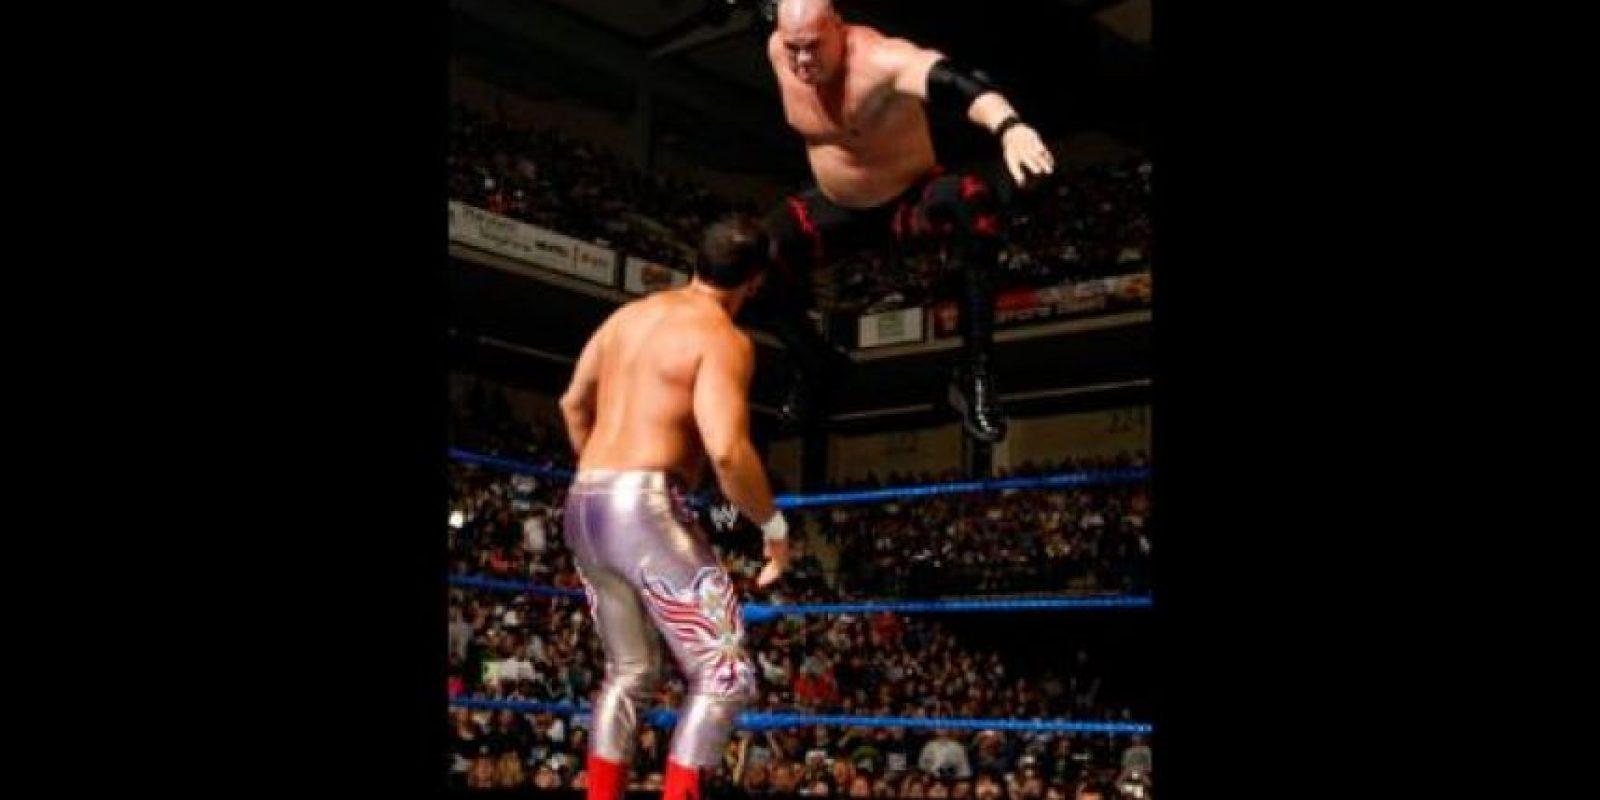 4. 11 segundos duró la pelea entre Kane y Chavo Guerrero en Wrestlemania XXIV, la más corta de la historia Foto:WWE